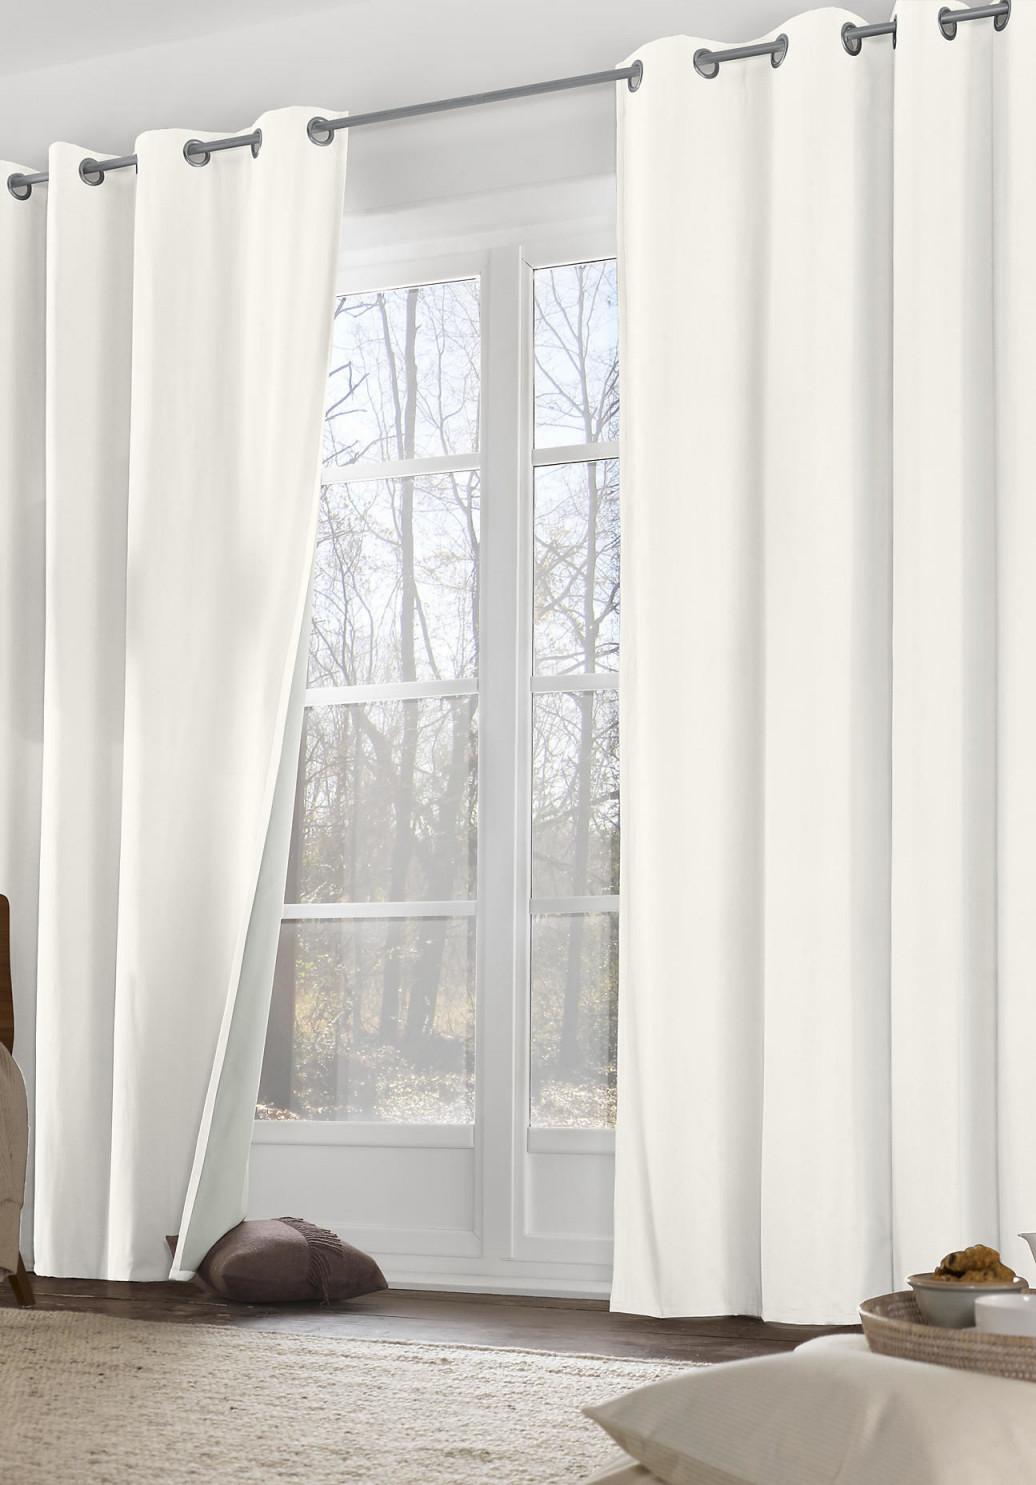 Die Schönsten Ideen Für Vorhänge  Gardinen von Übergardinen Wohnzimmer Ideen Bild